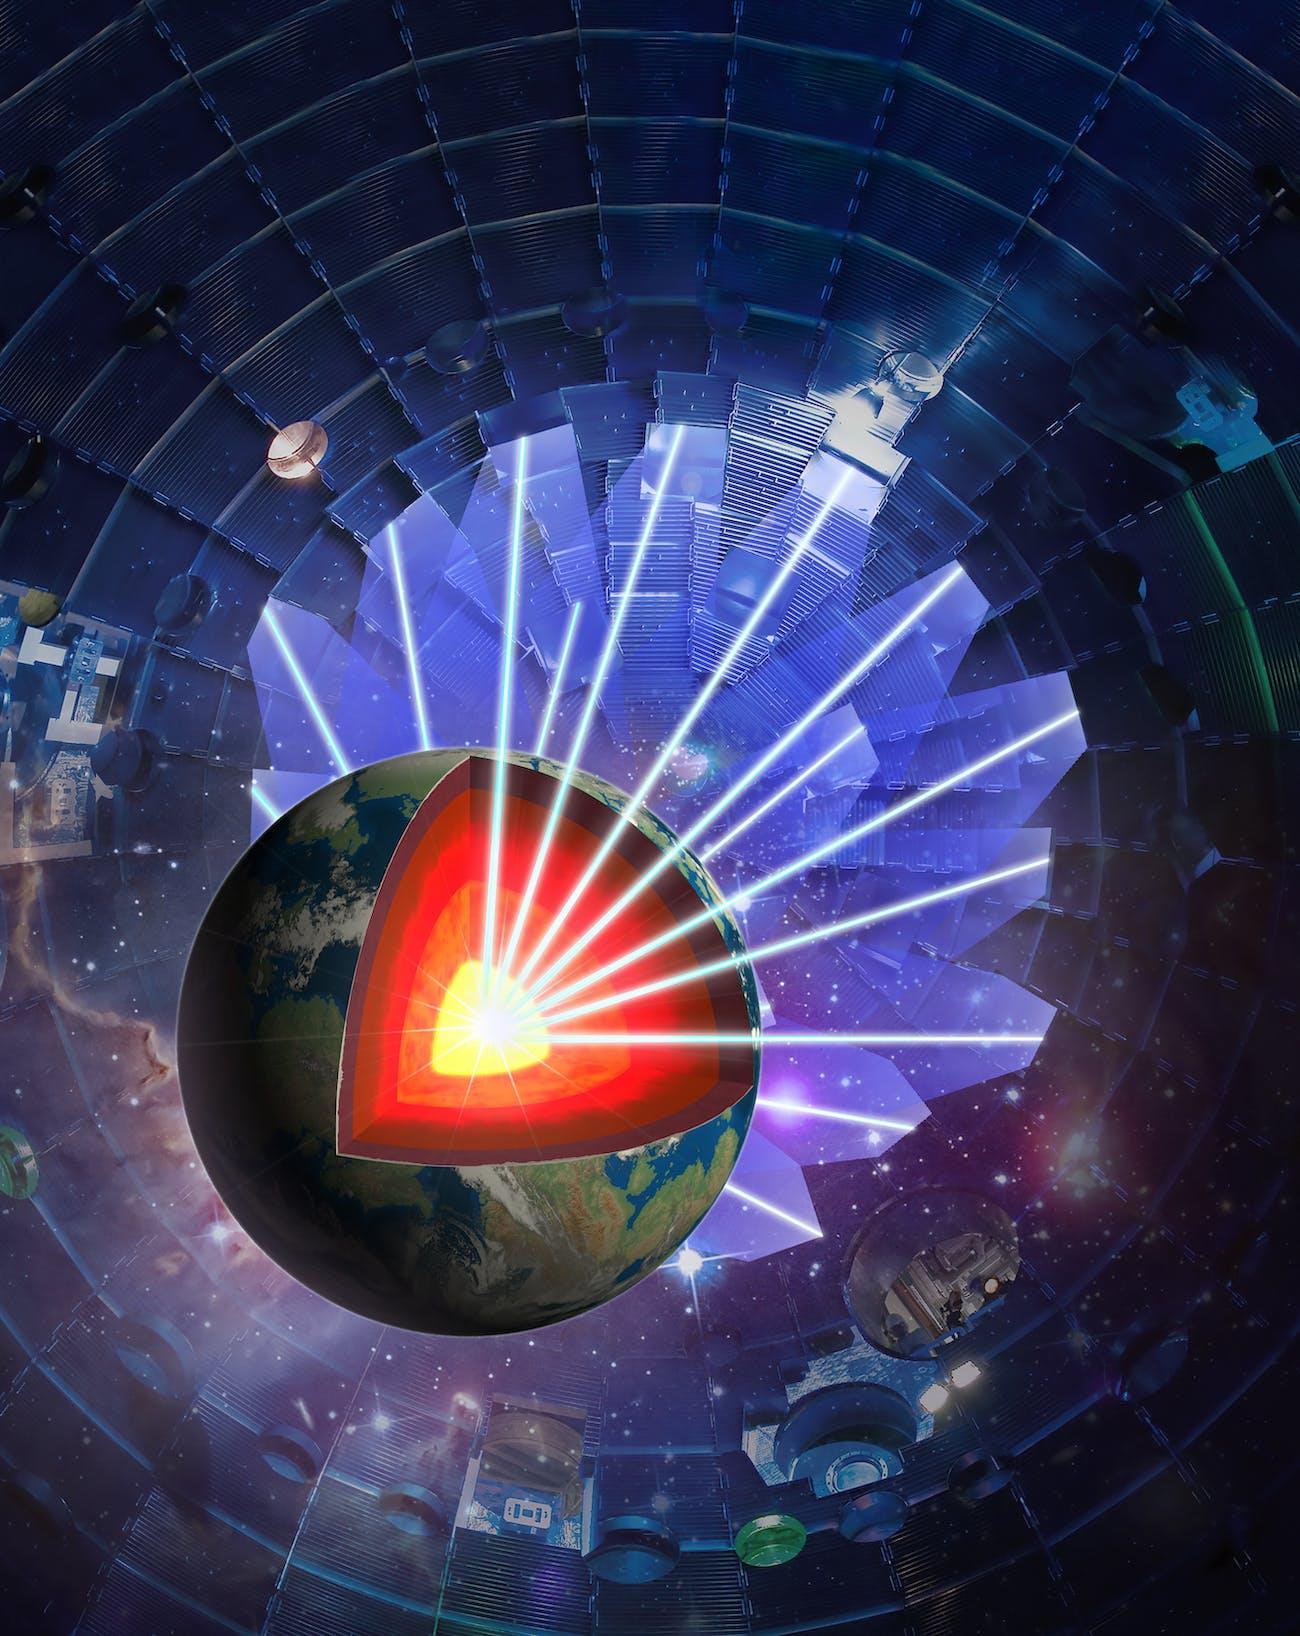 exoplanetary core